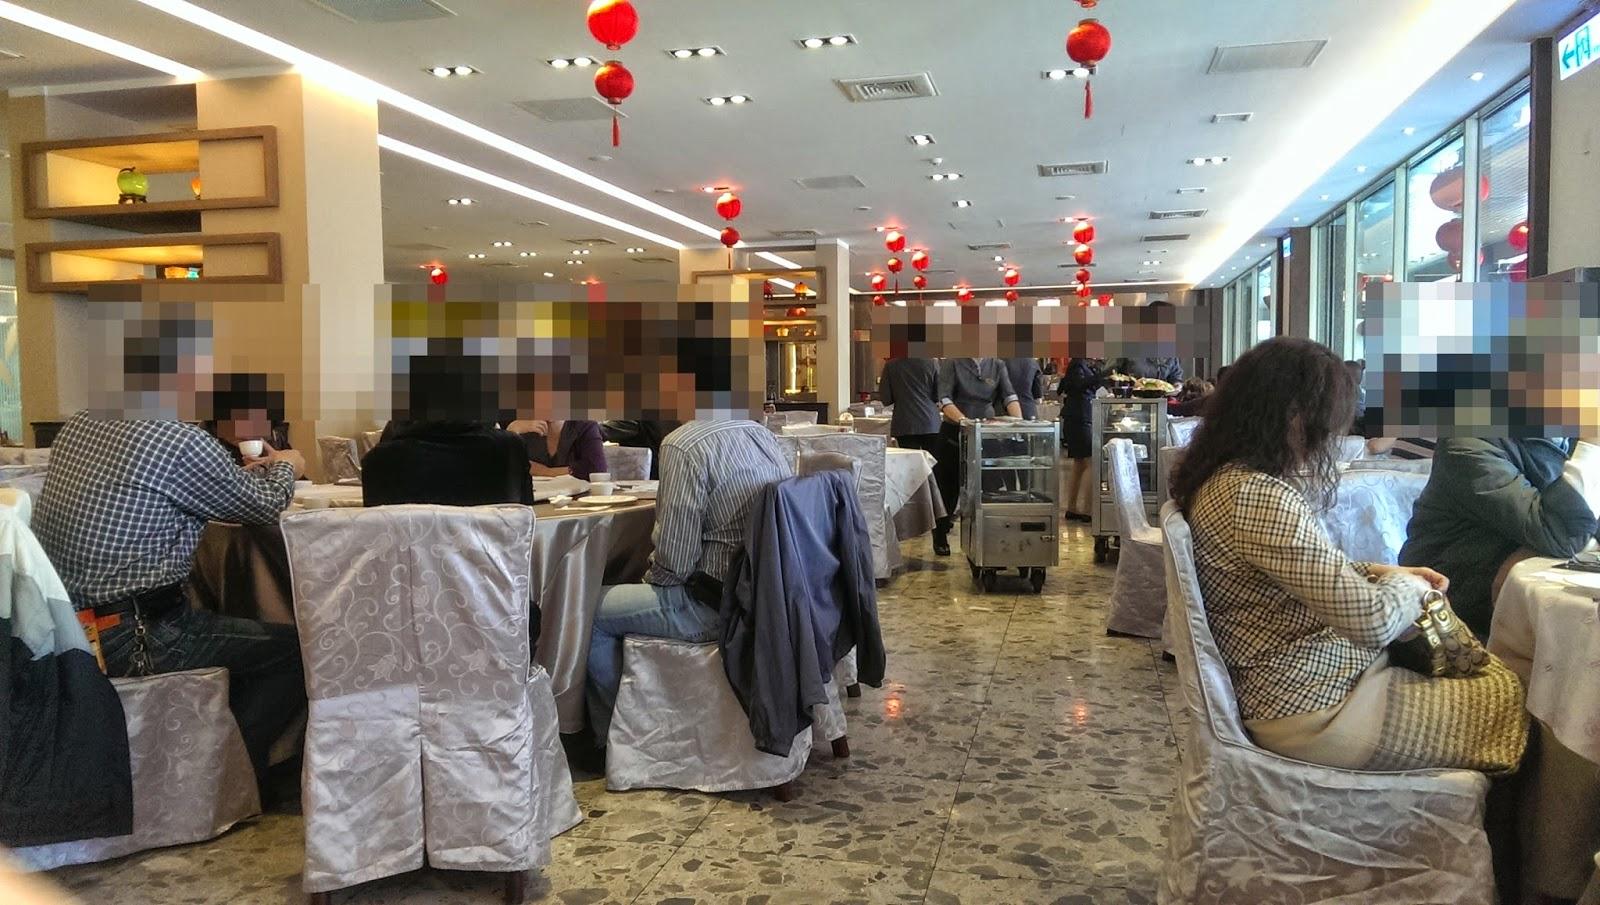 2015 01 25%2B11.17.48 - [食記] 高雄寒軒大飯店 - 吃飲茶囉!開心愜意的飲茶好去處